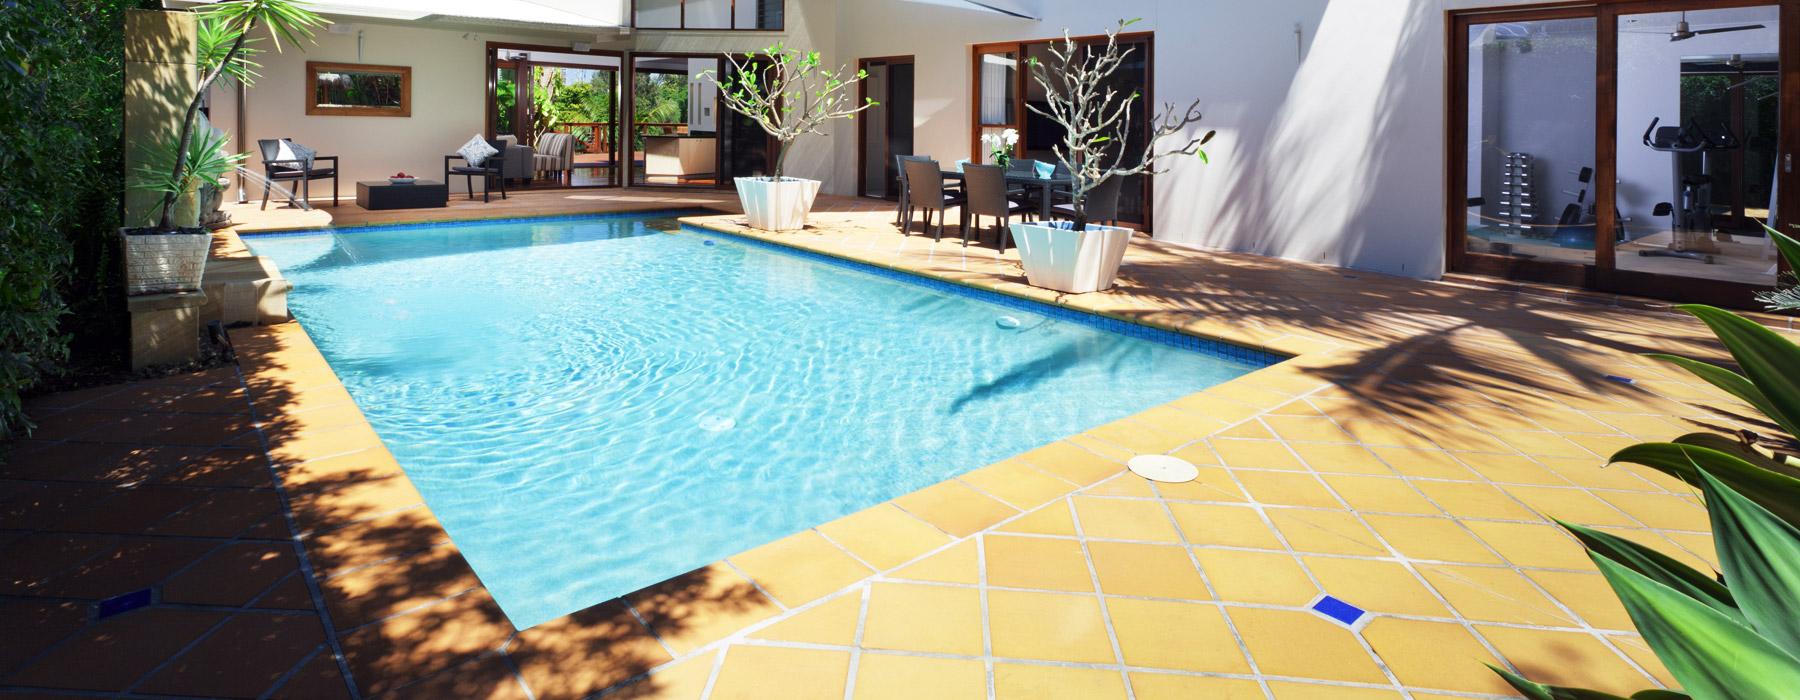 Piscine interrate prezzi offerte tutto incluso for Offerte piscine